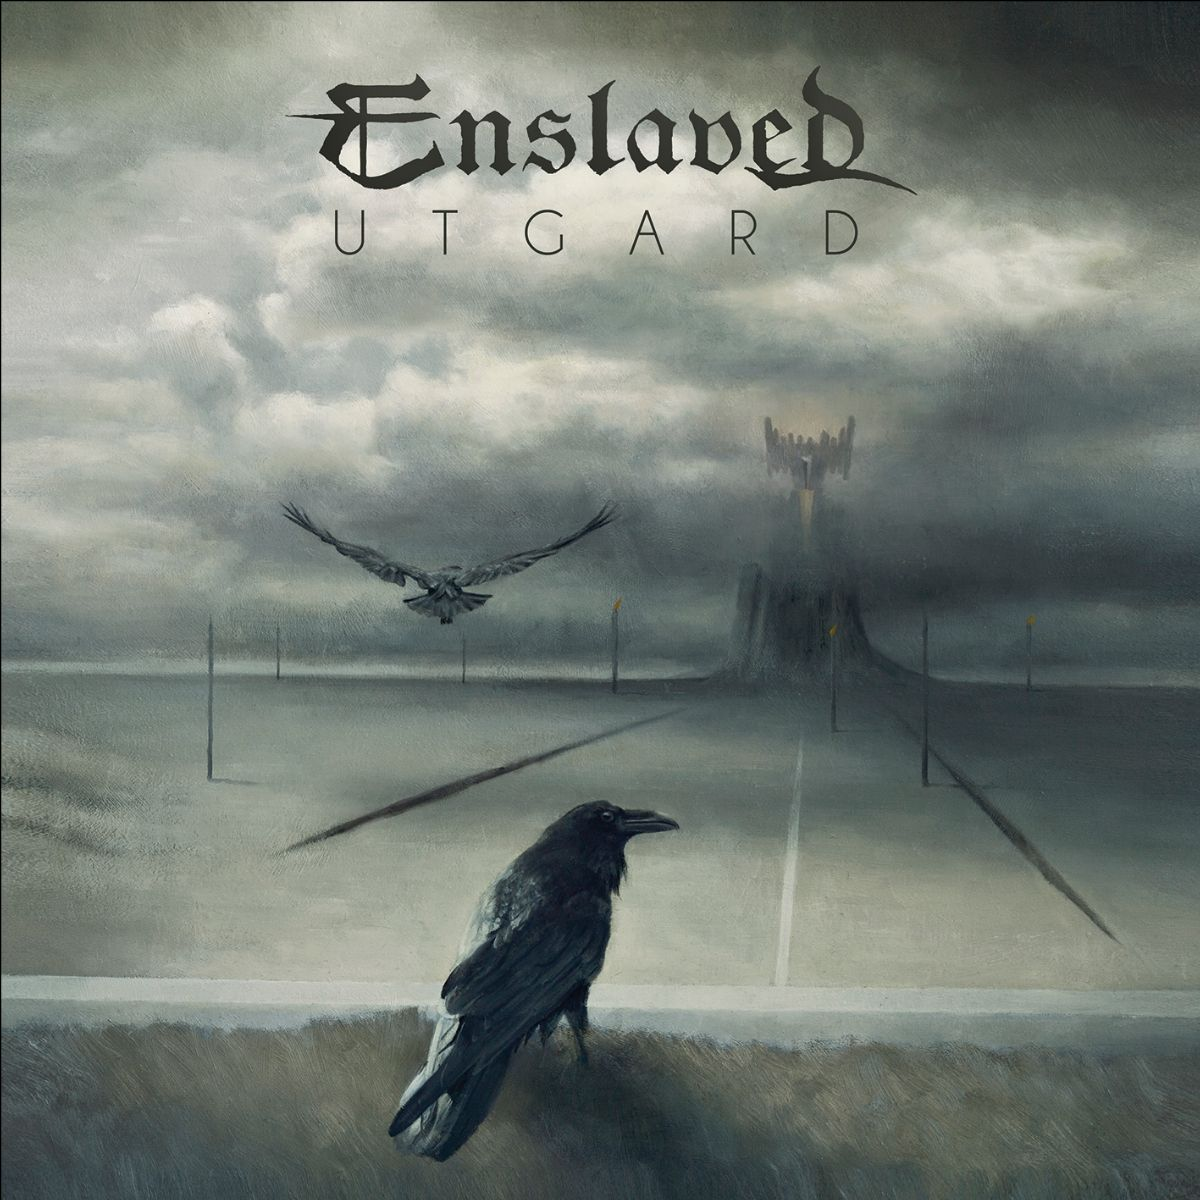 enslaves utgard album art cover